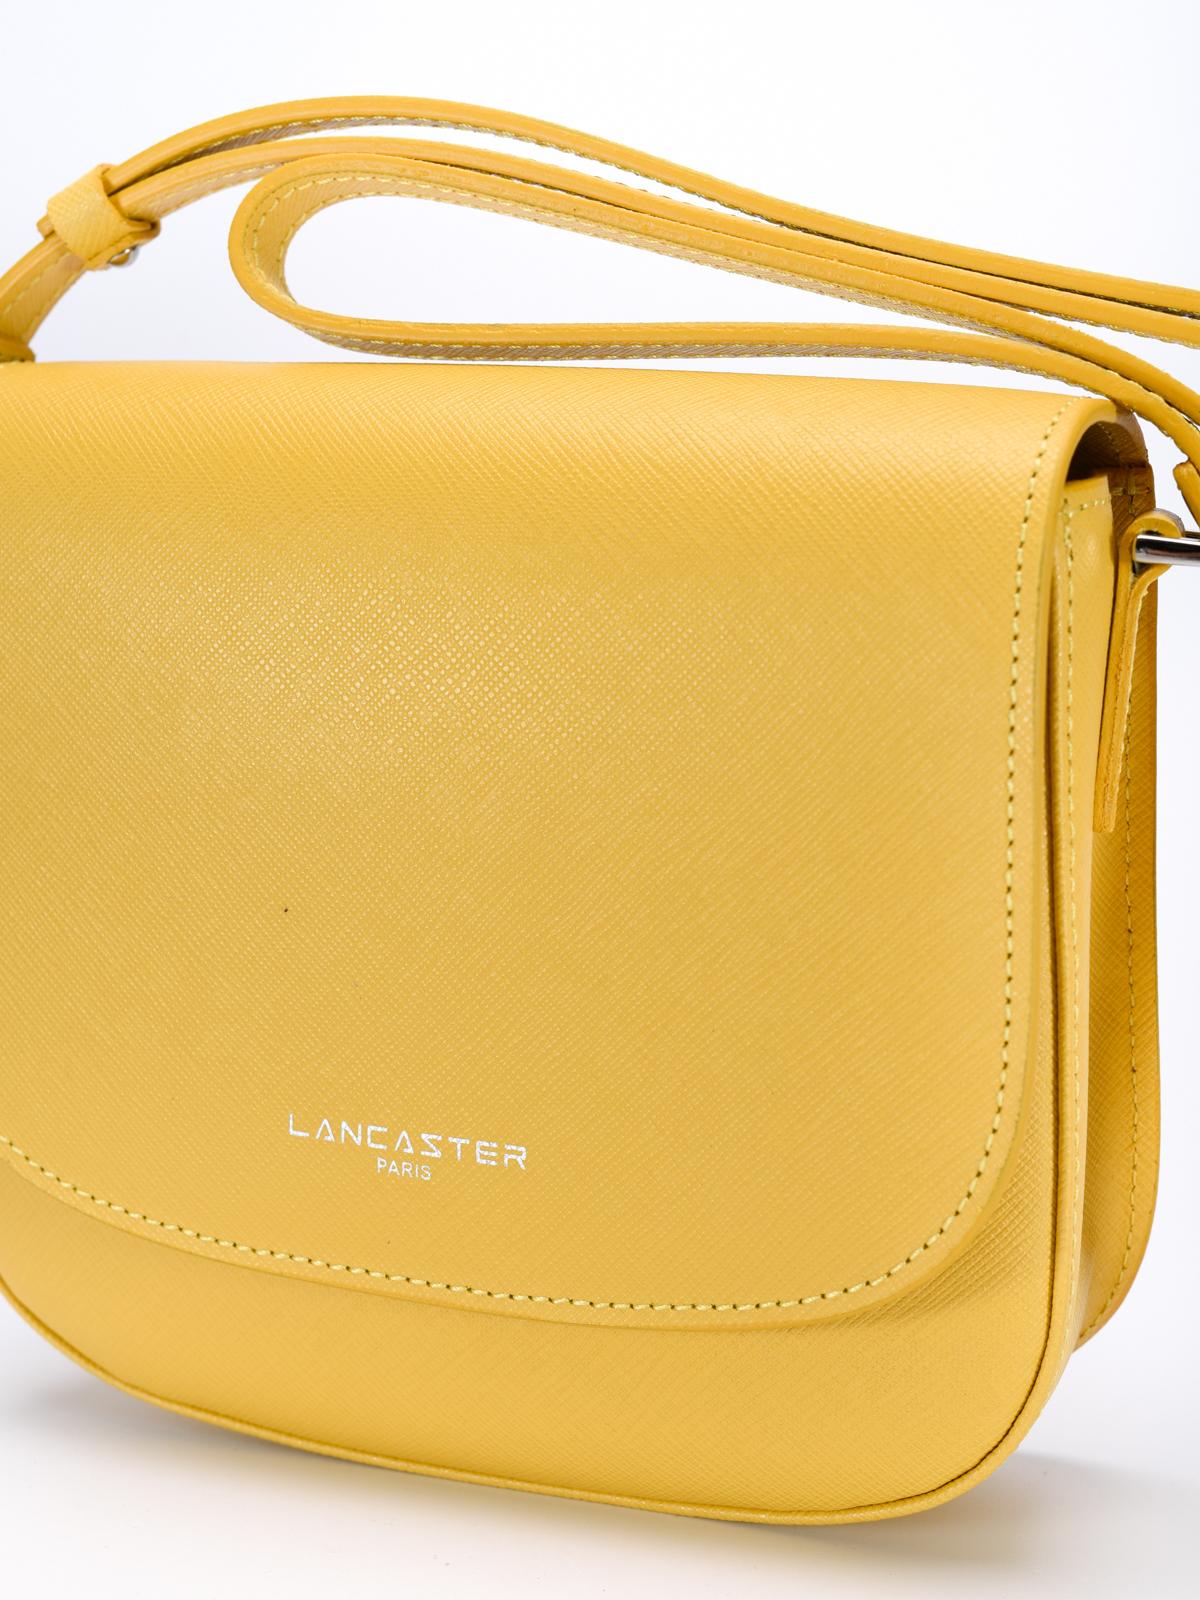 421 da donna Borsa gialla tracolla 59 a borse Lancaster per Y0q8Ya